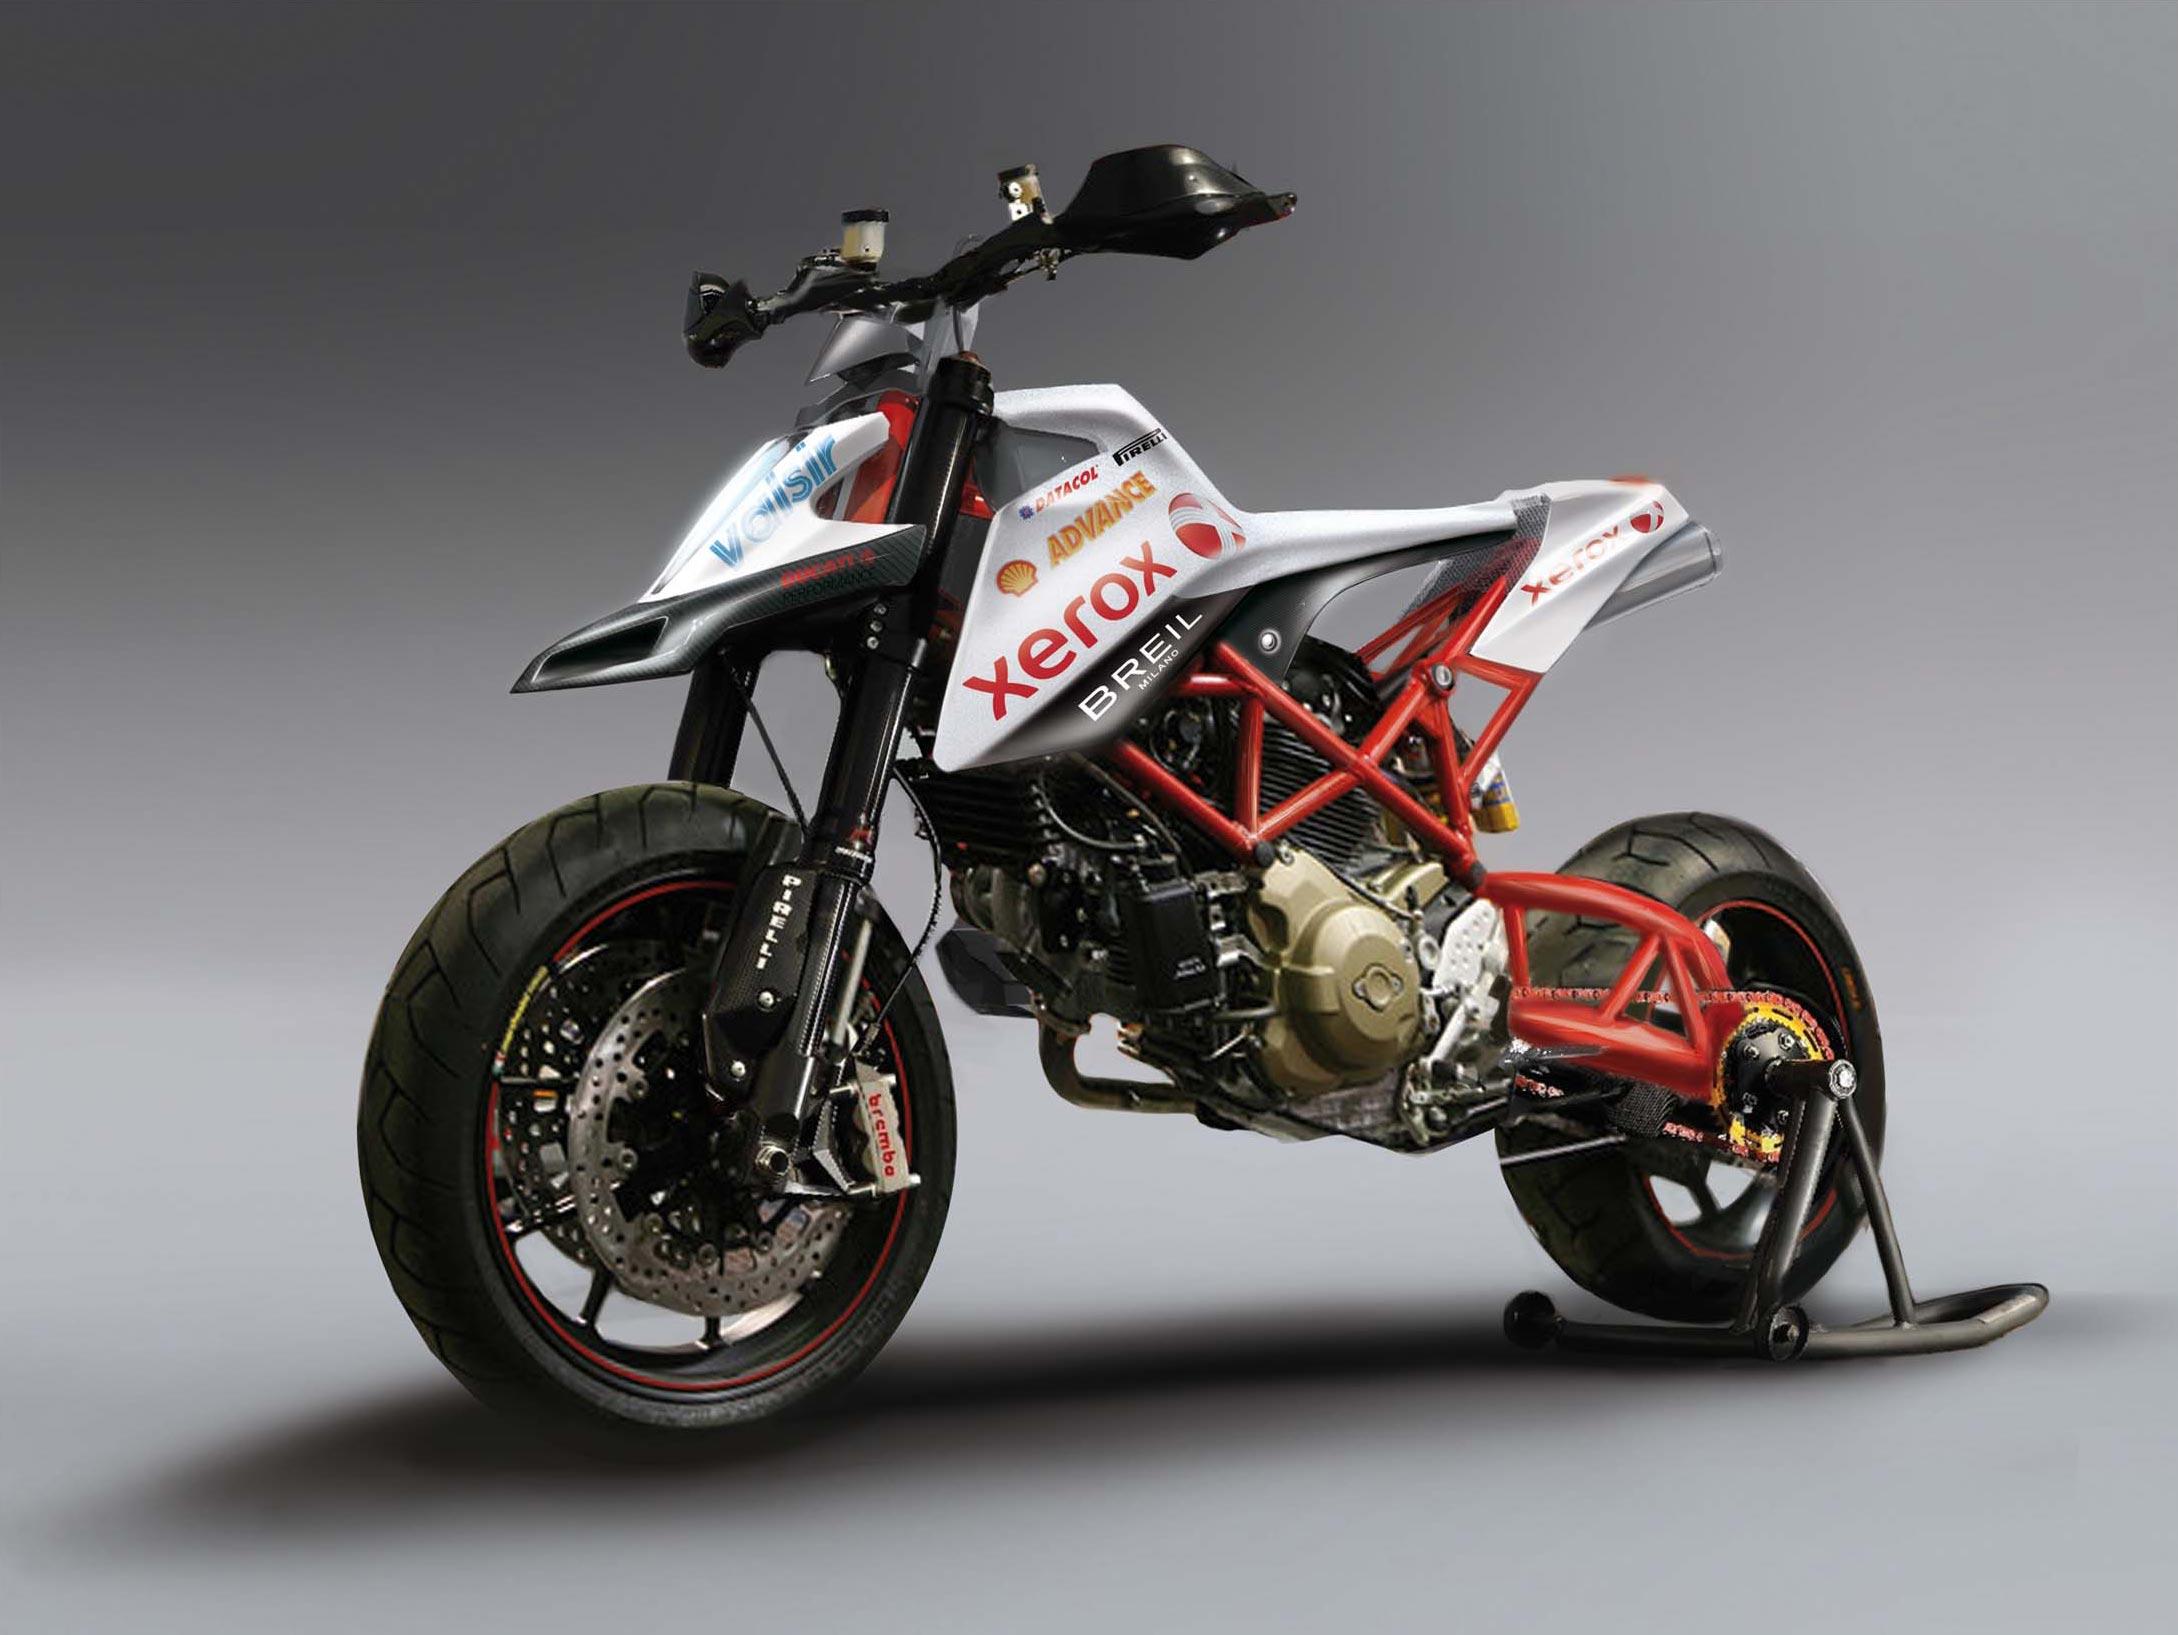 Ducati Extended Swingarm